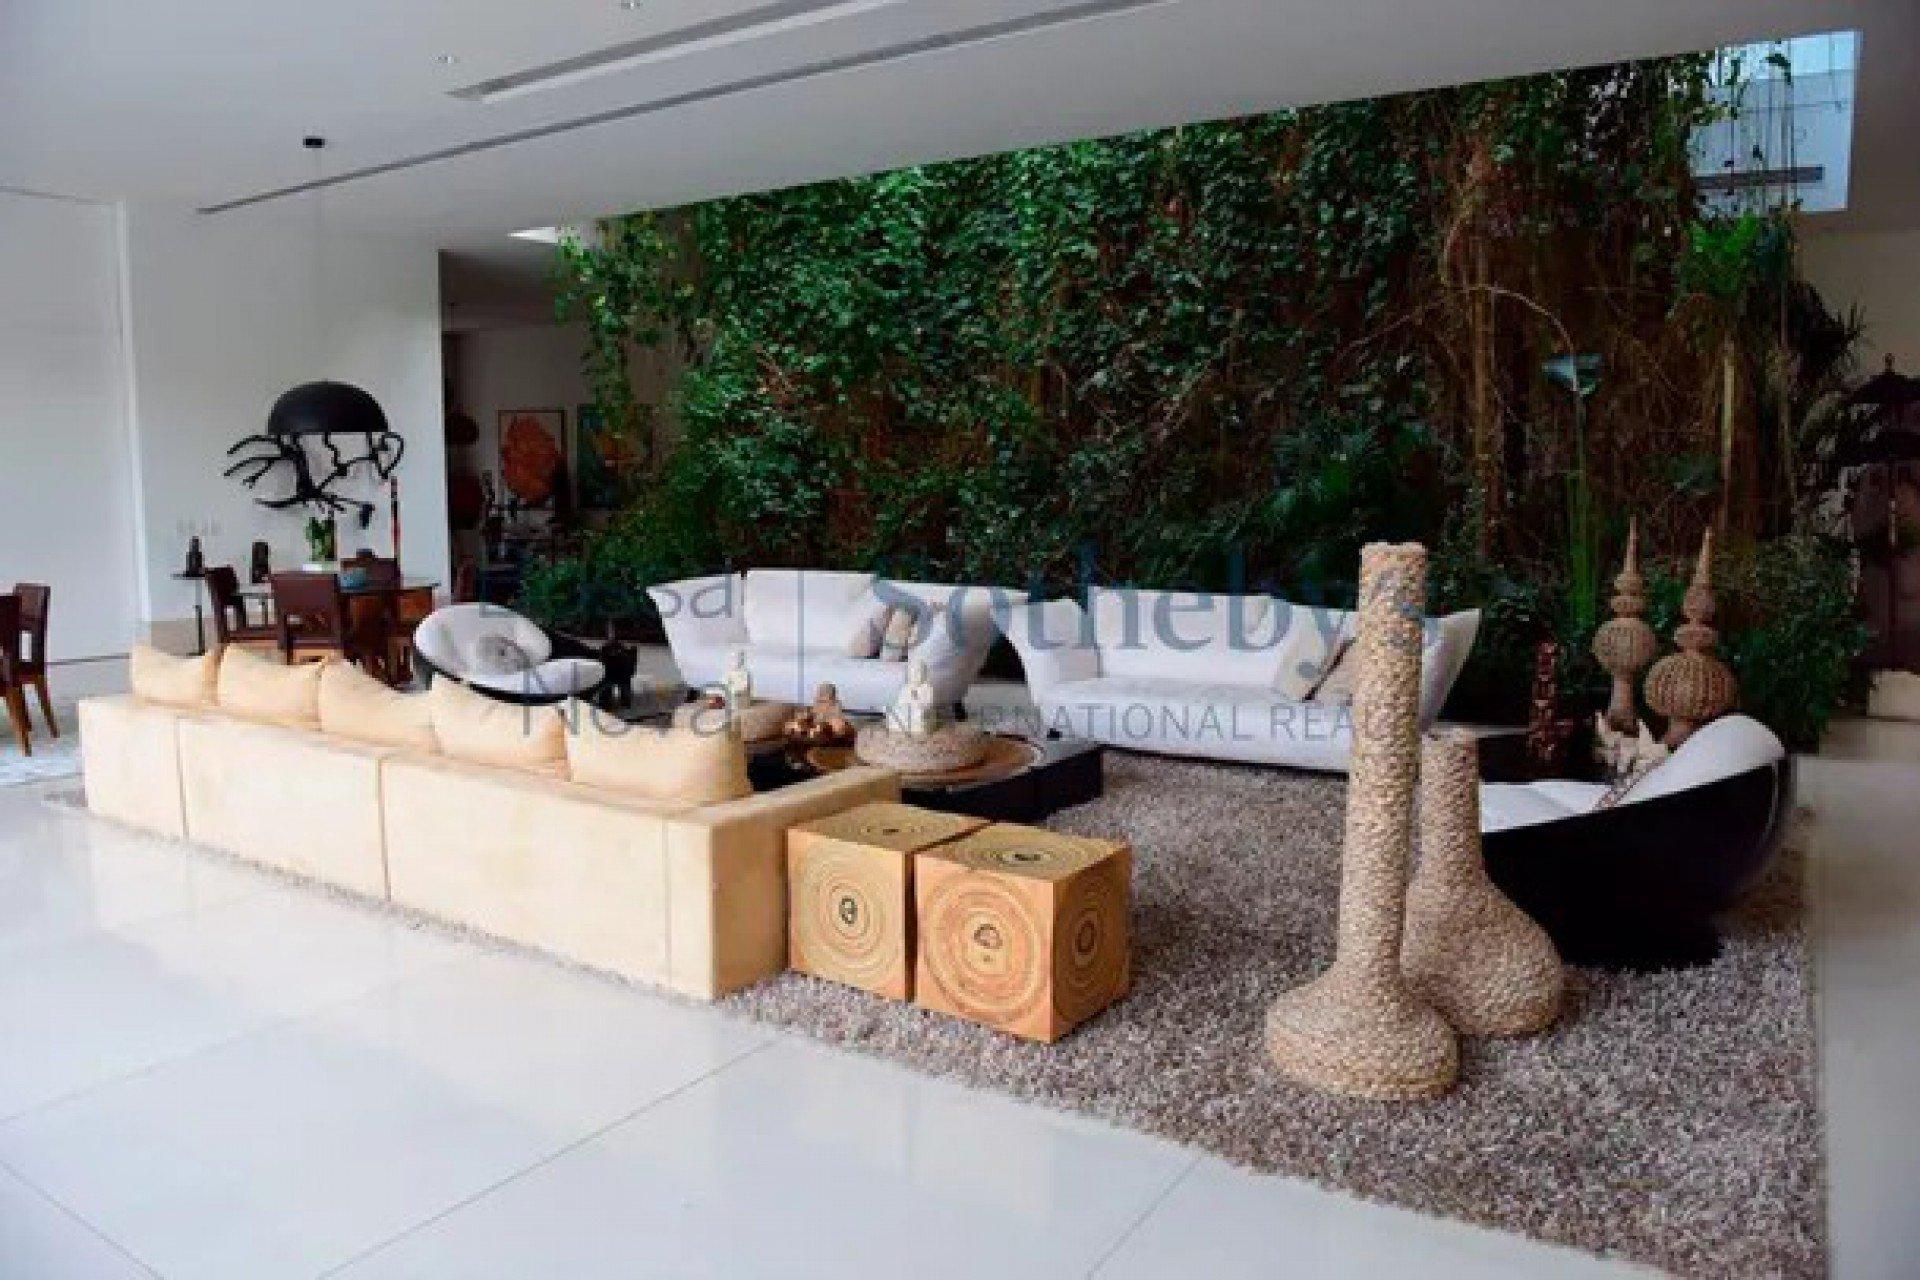 Mansão de Xuxa no Rio - Sothebys Internacional Realty/Reprodução